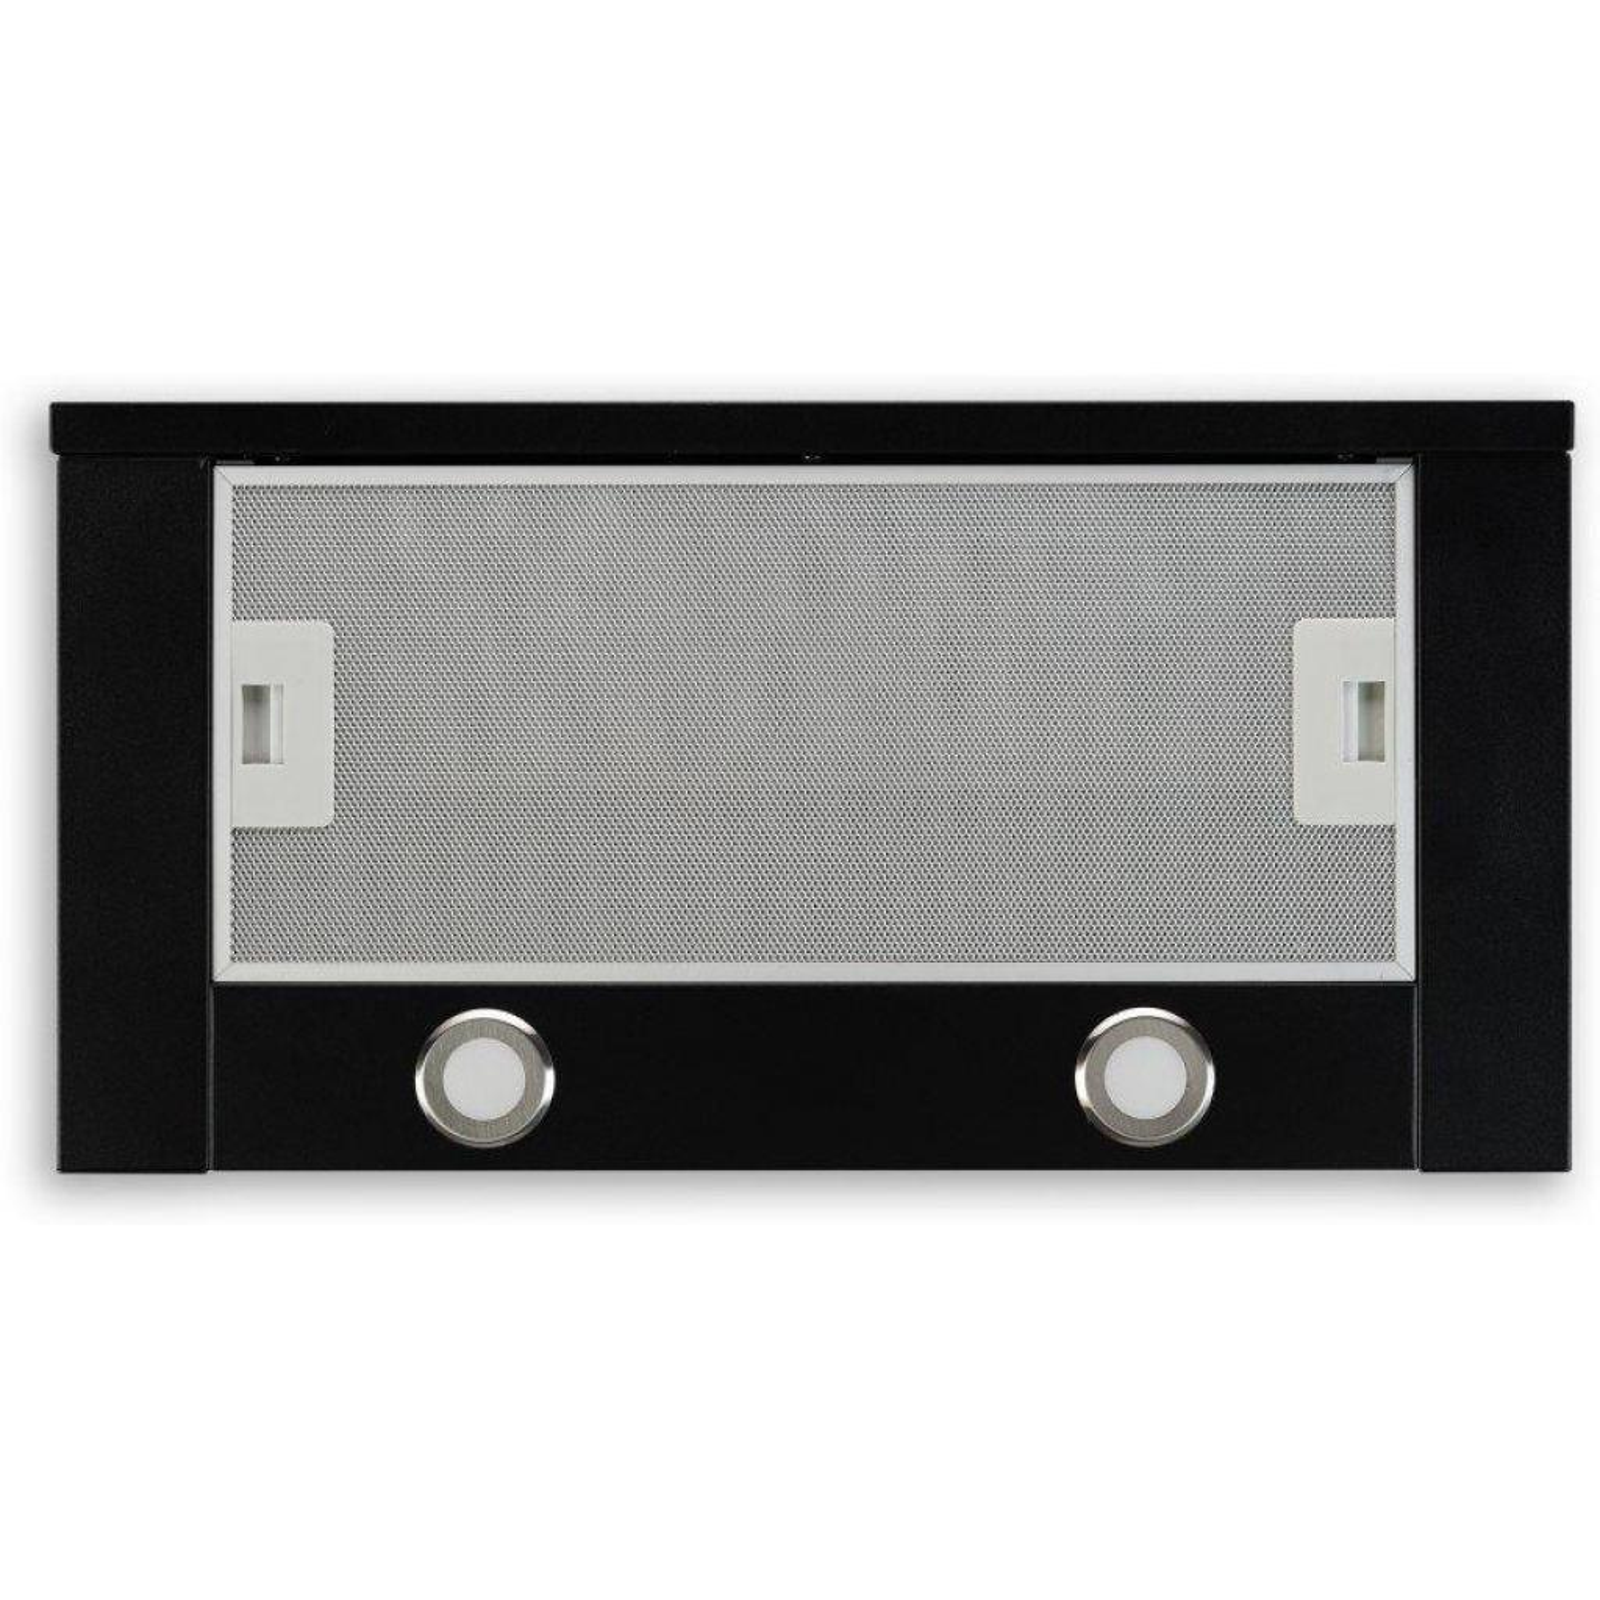 Вытяжка кухонная MINOLA HTL 6012 BL 450 LED изображение 3